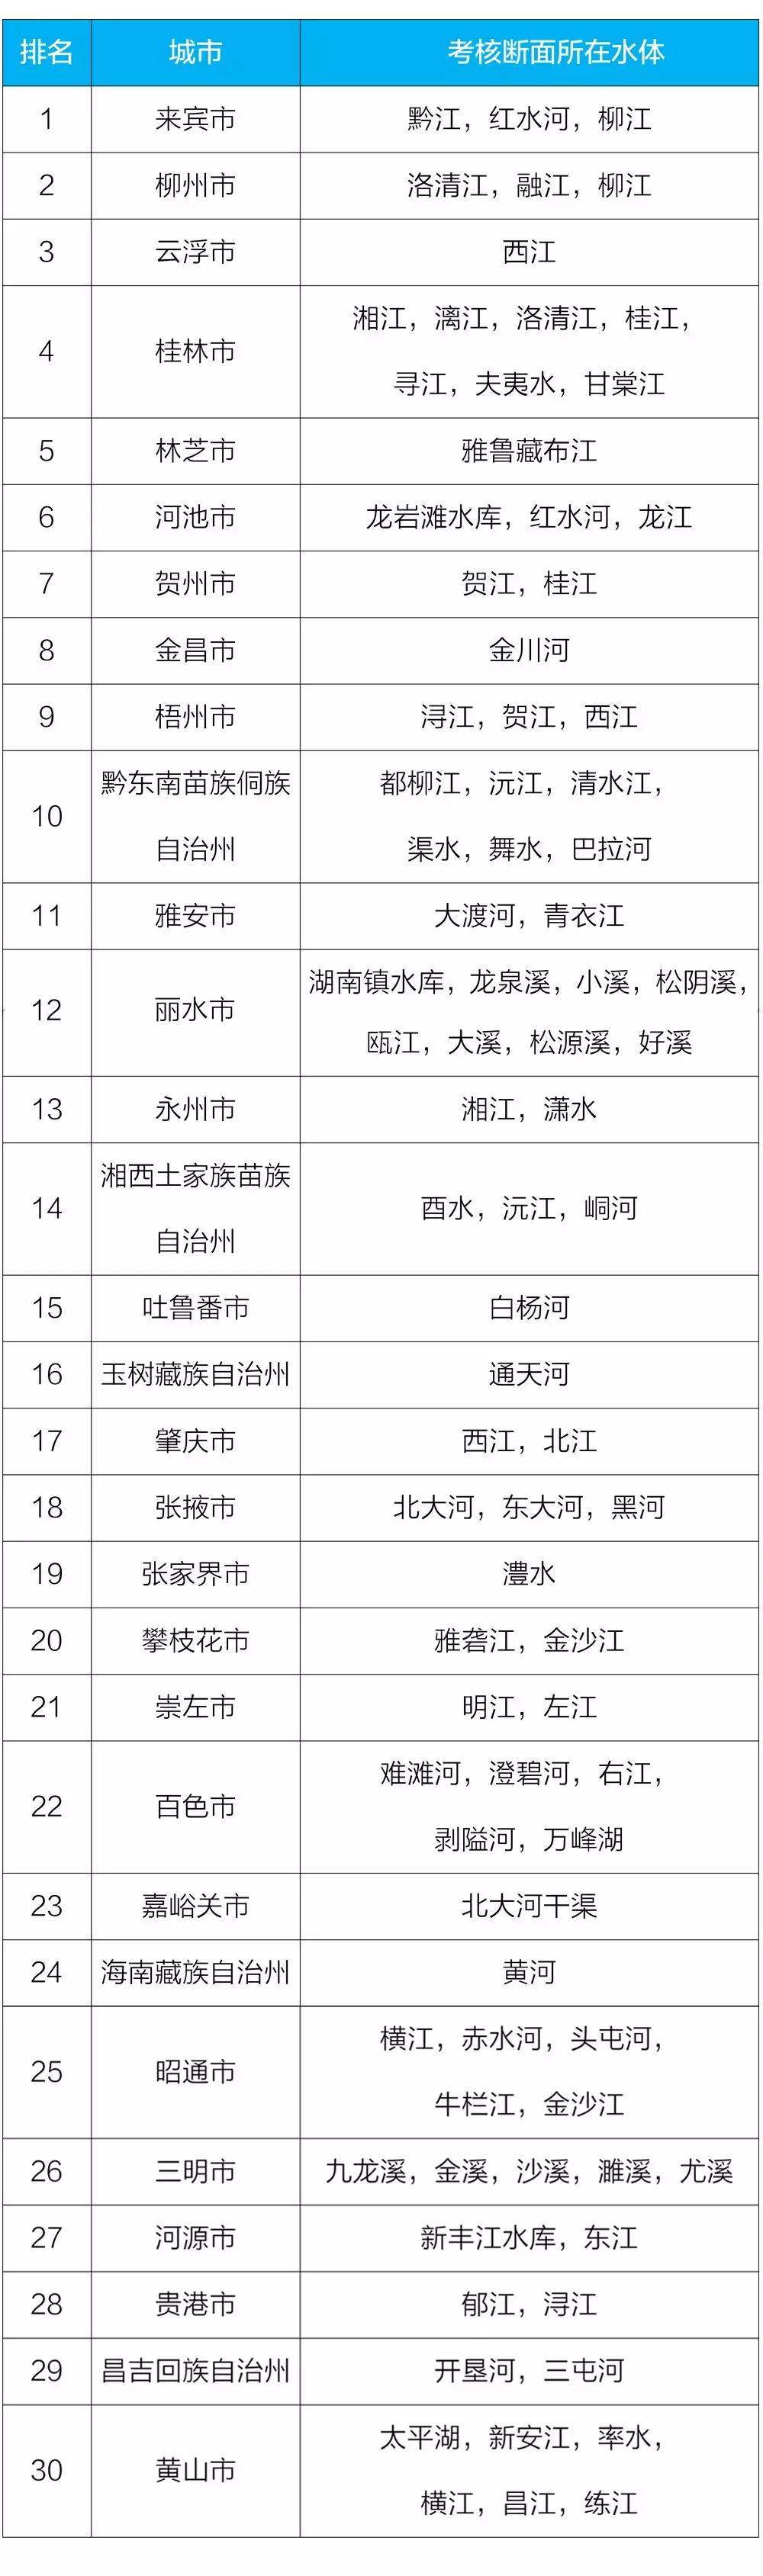 多宝平台黑 - 北京碧朗湾集团与SEG瑞士酒店管理教育集团合作签约